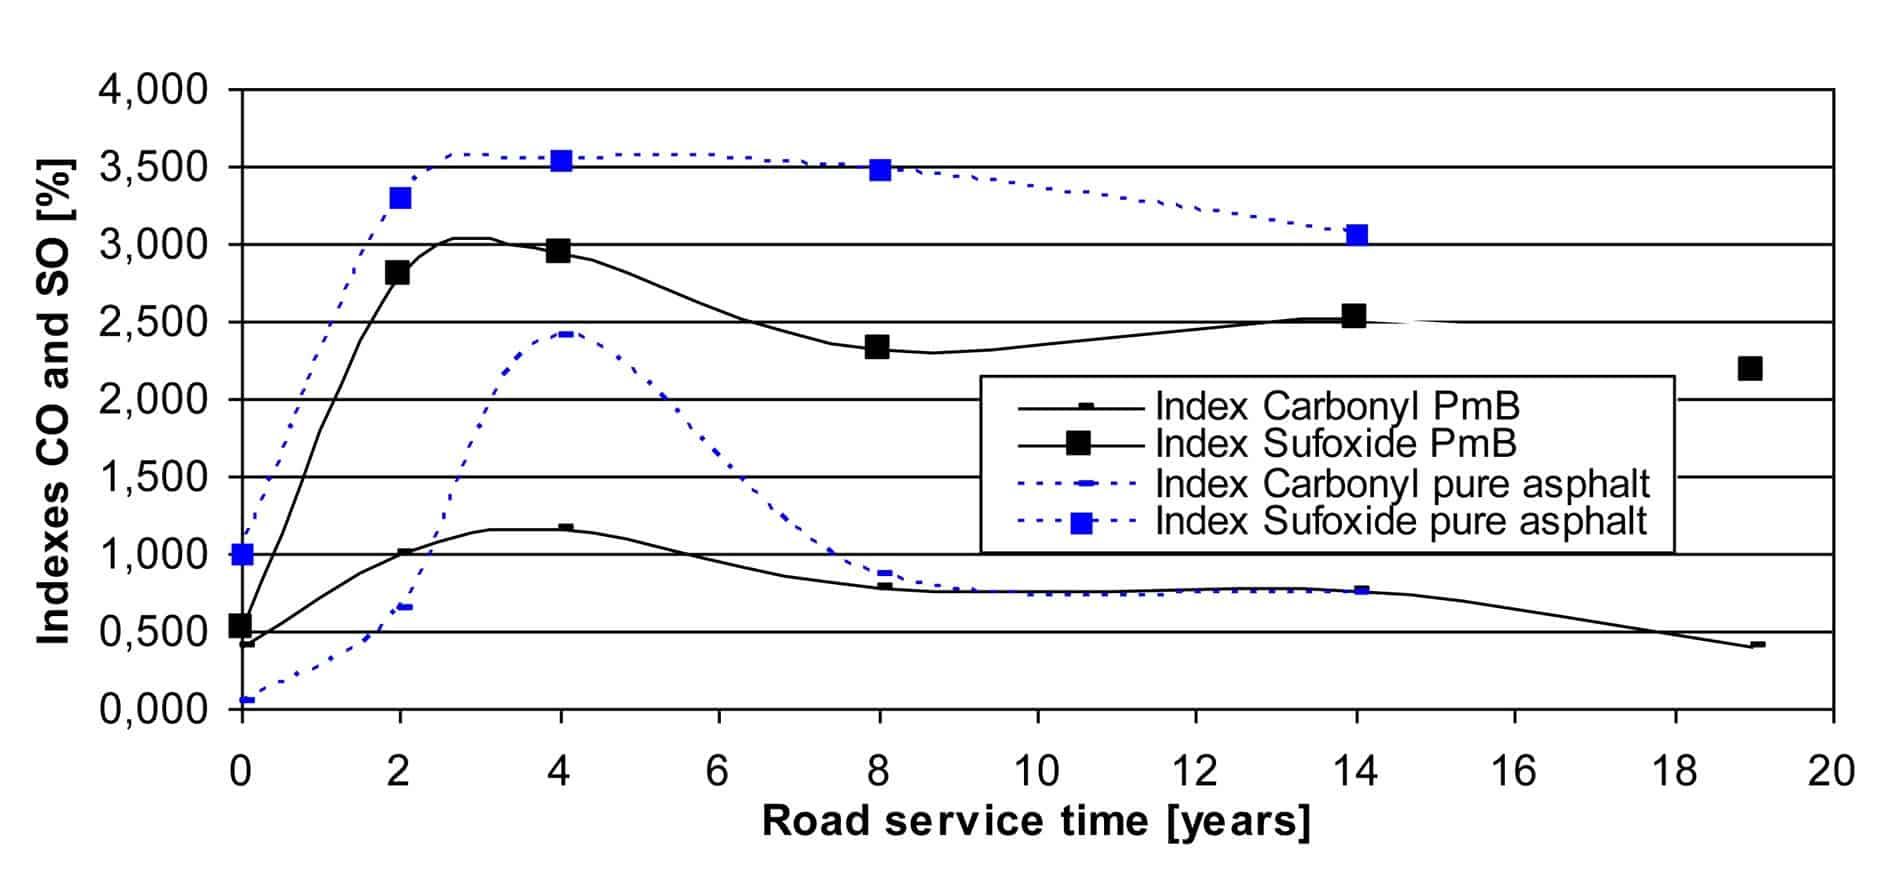 L'evoluzione degli indici di ossidazione CO e SO durante il periodo di servizio